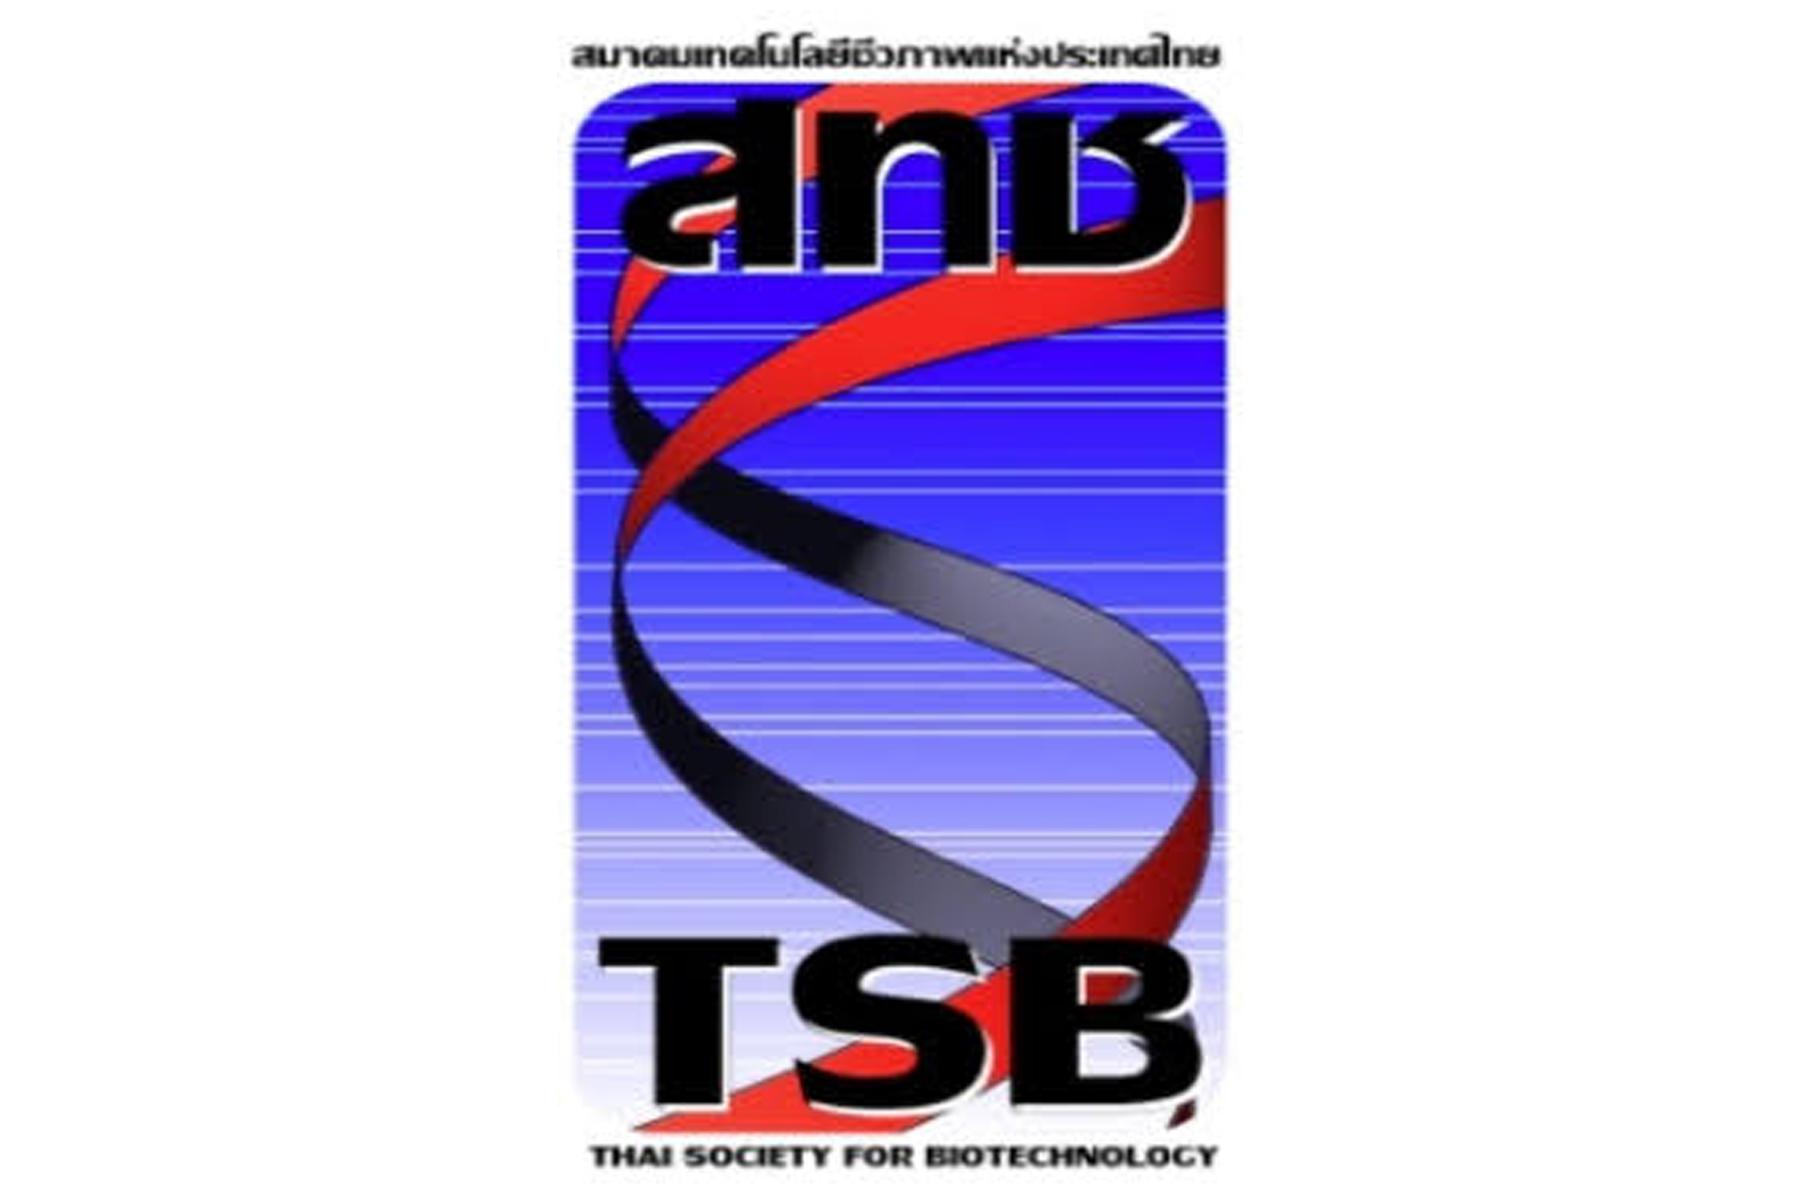 """งานประชุมวิชาการประจำปีระดับนานาชาติของสมาคมเทคโนโลยีชีวภาพแห่งประเทศไทย ครั้งที่ 31 ประจำปี 2562 (TSB2019)  The 31th Annual Meeting of The Society for Biotechnology  """"ฺBIO innovation for Sustanabilty"""""""